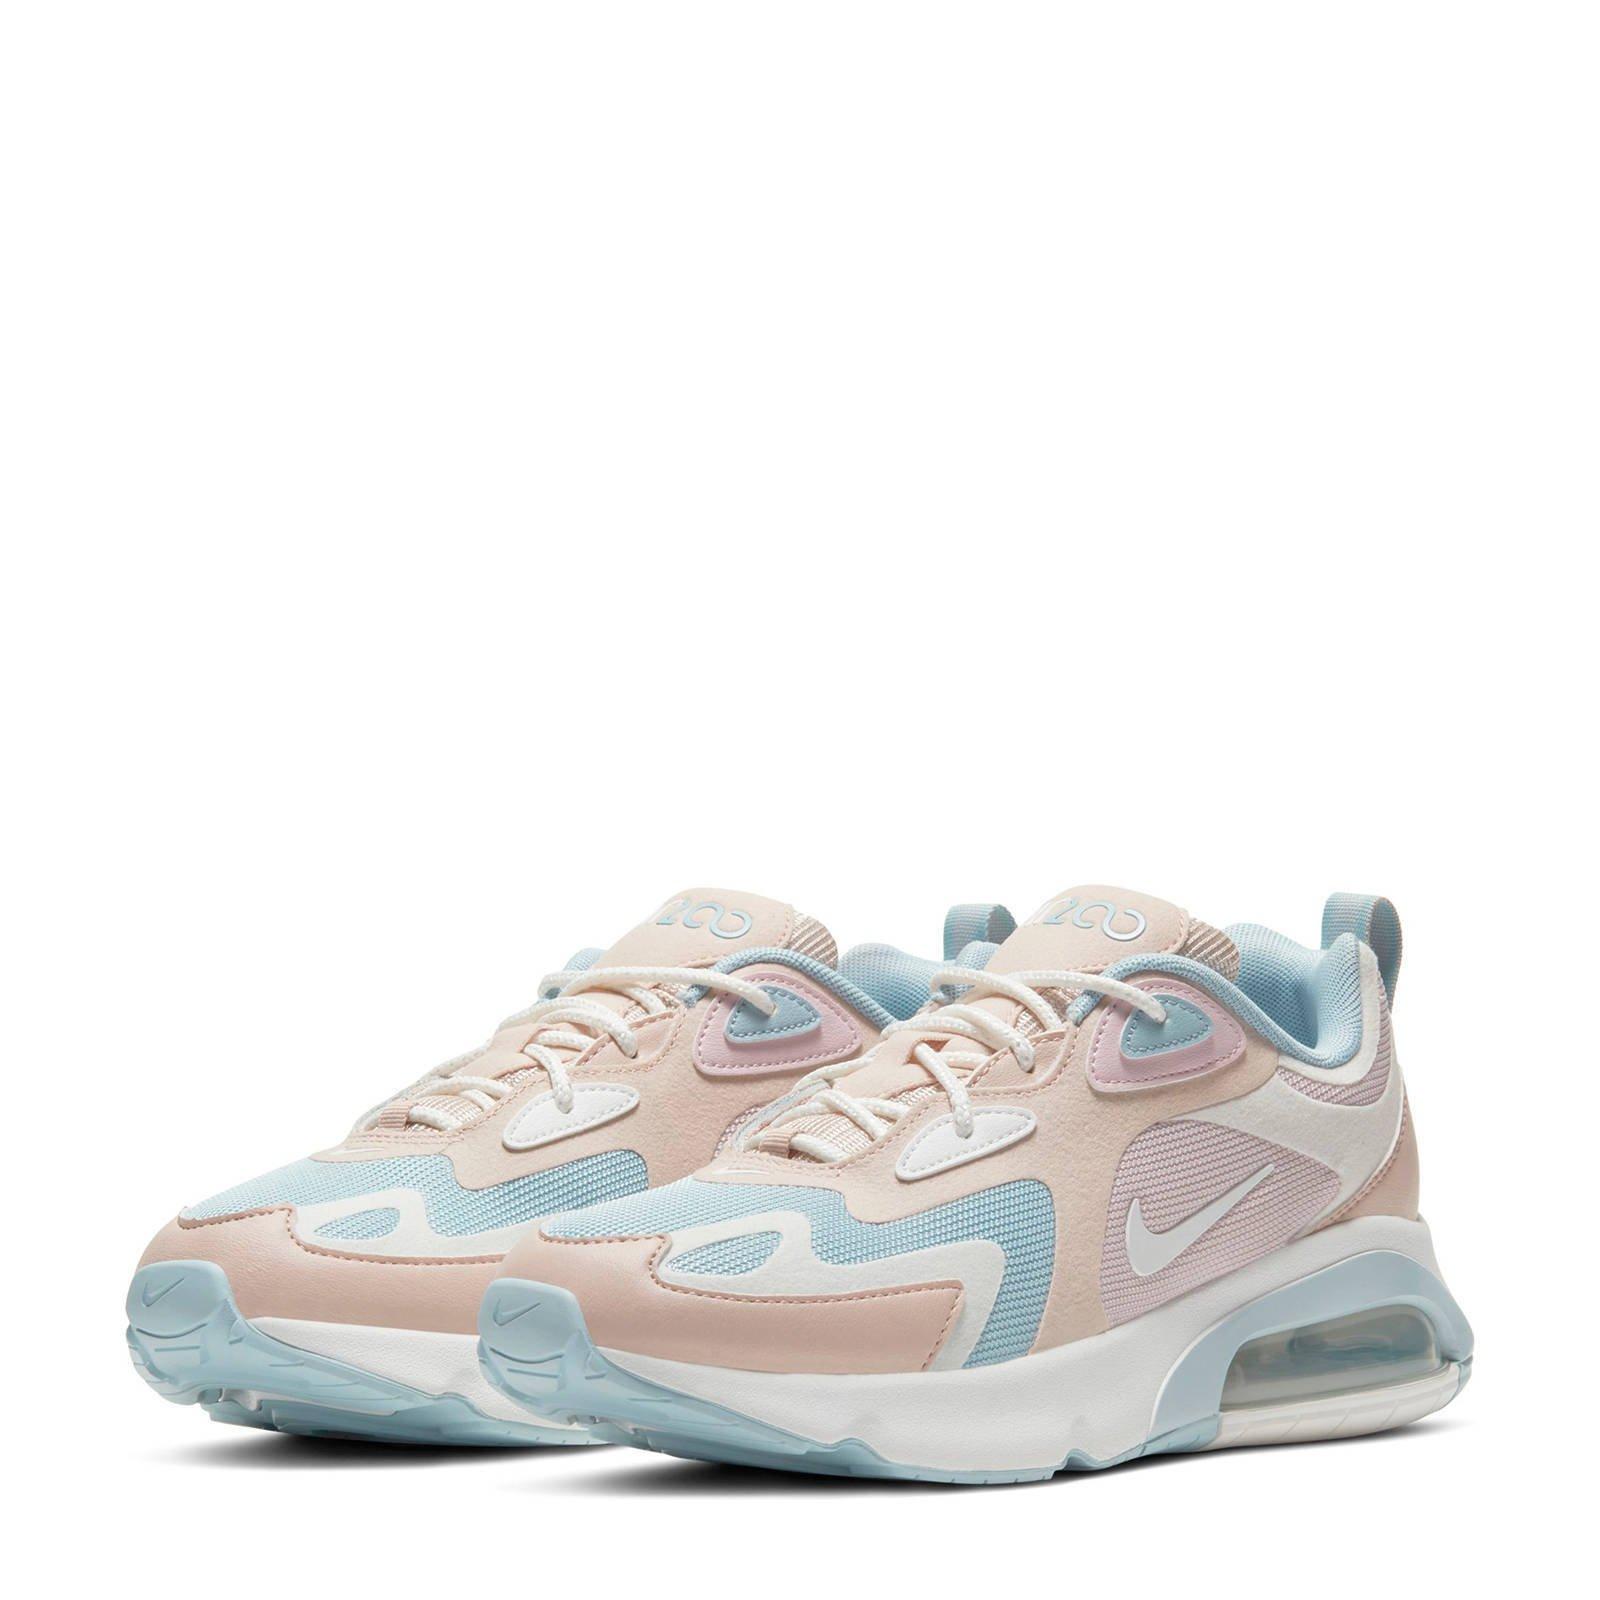 Nike Air Max 200 sneakers wit/pastelroze | wehkamp